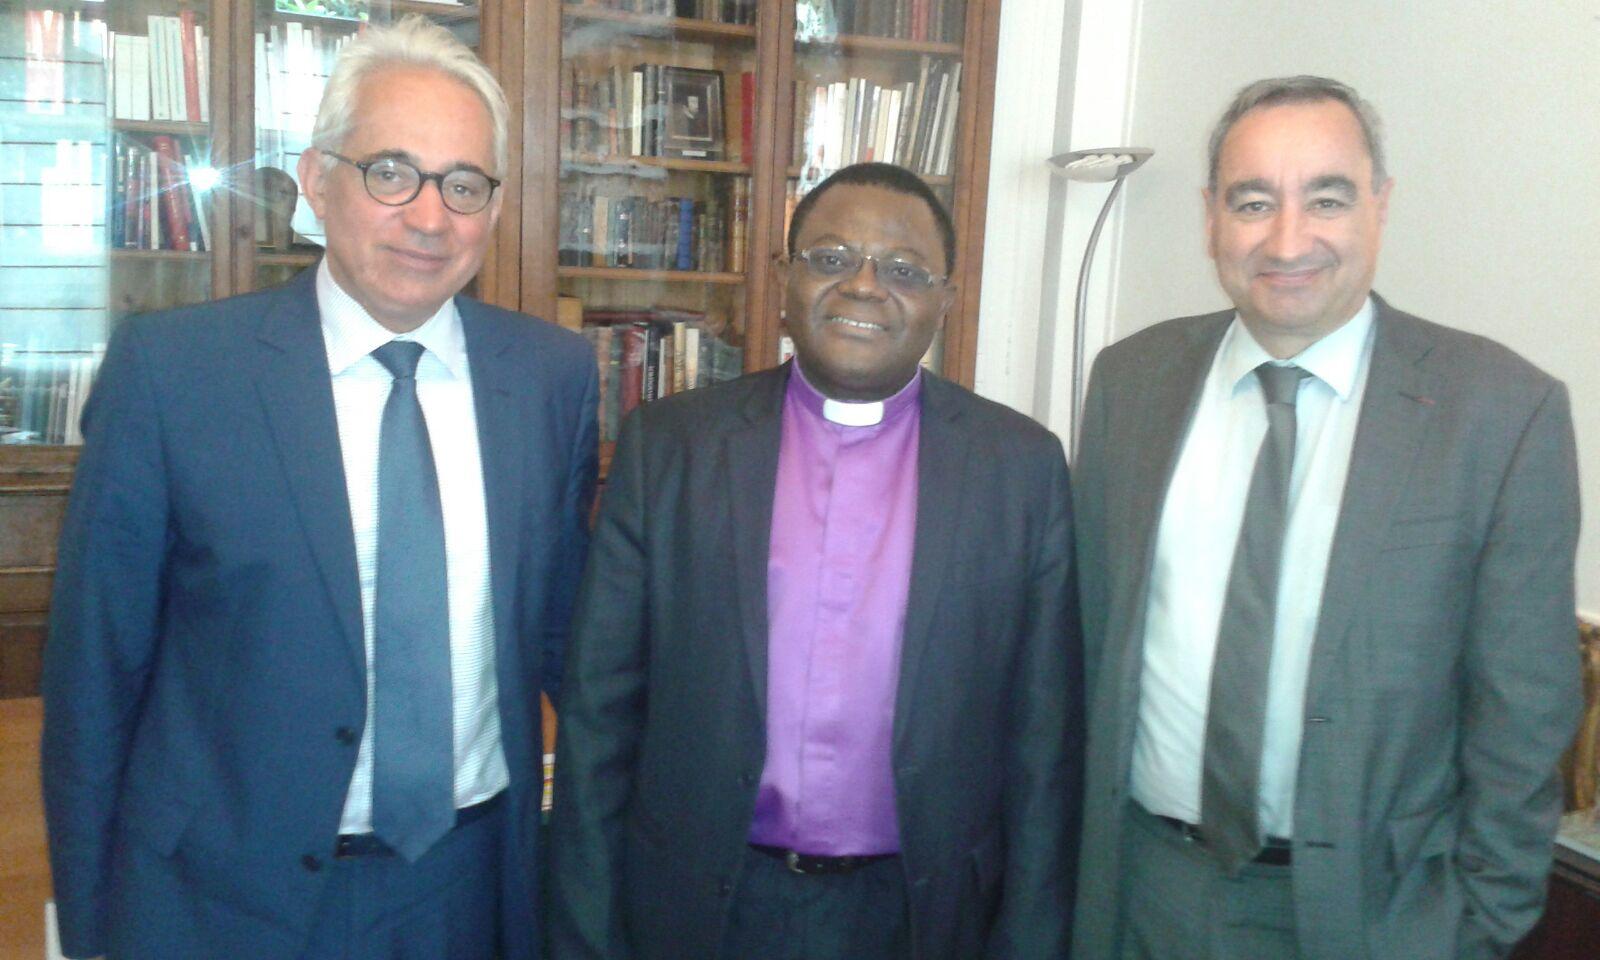 Dans l'ordre : les pasteurs Georges Michel, François Clavairoly, et Jonas Kemogne